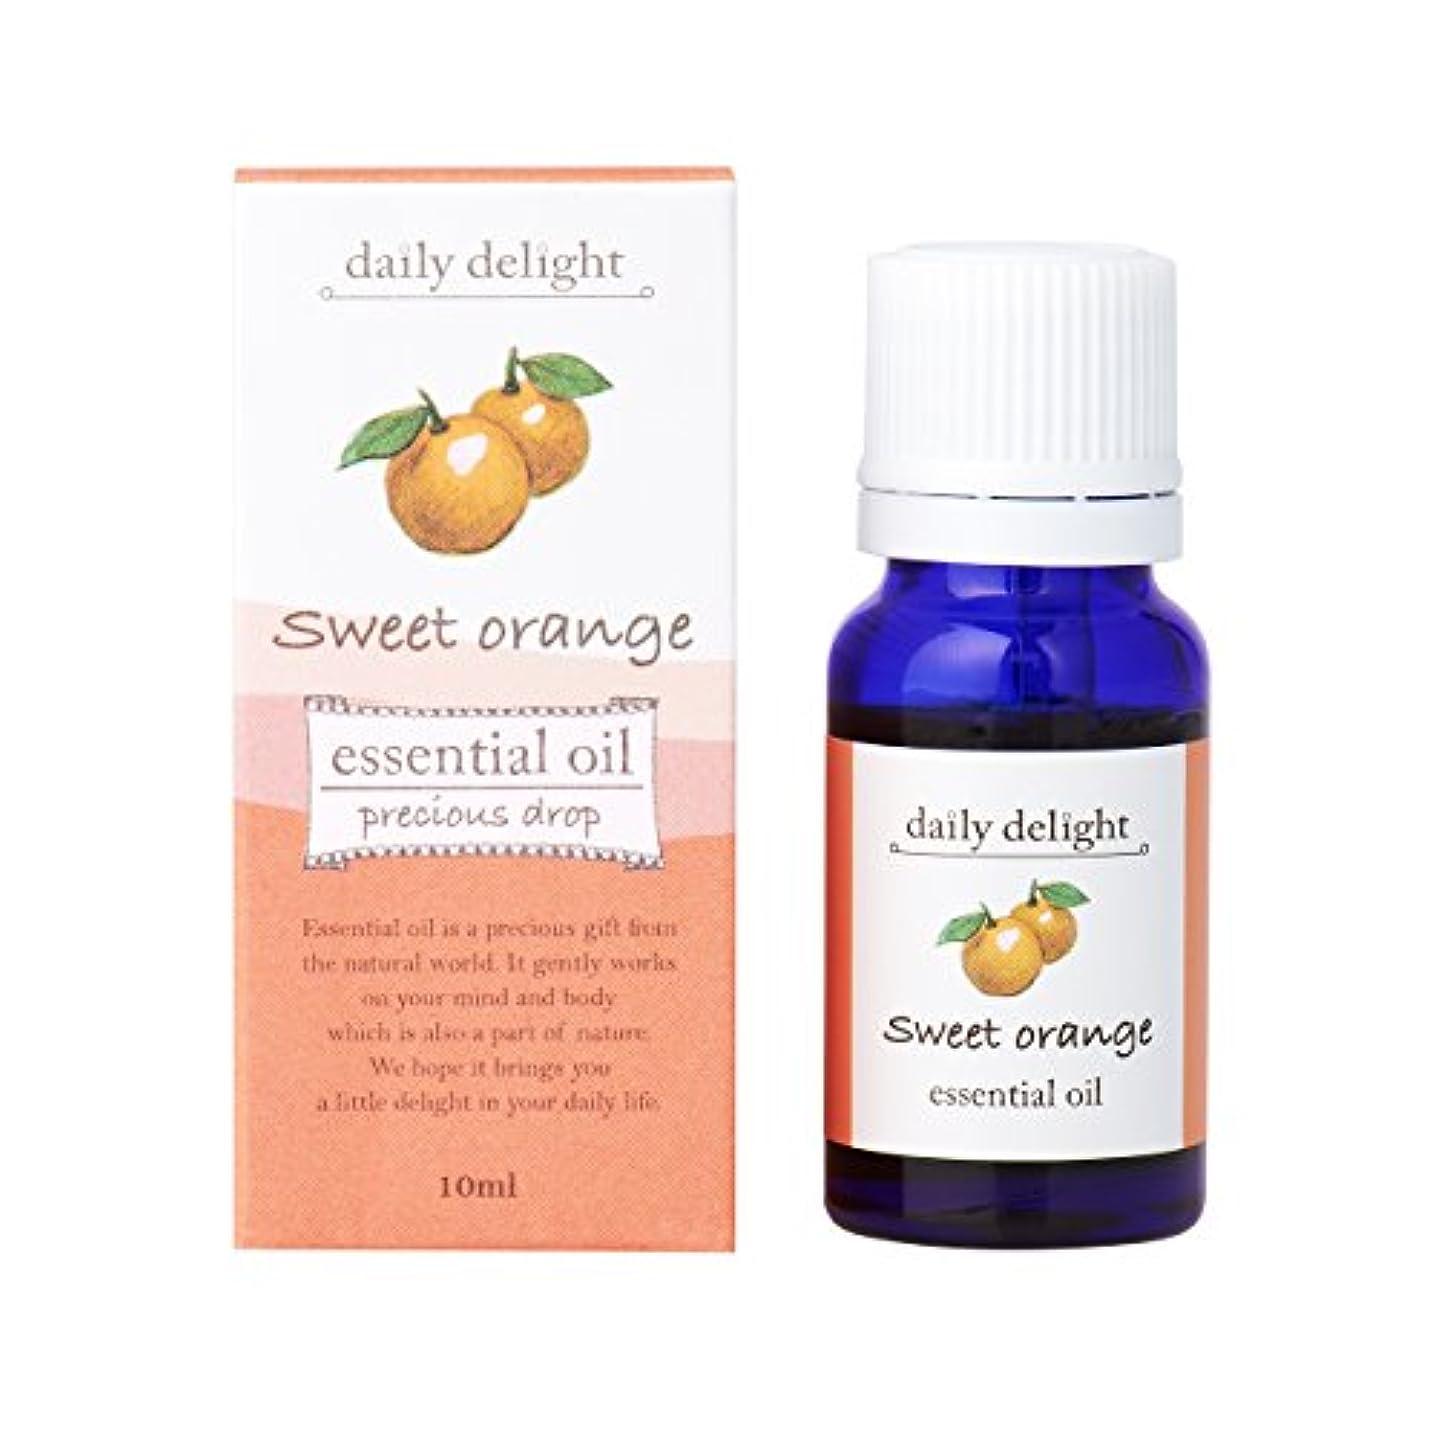 トイレトラック従事するデイリーディライト エッセンシャルオイル  スイートオレンジ 10ml(天然100% 精油 アロマ 柑橘系 フルーティで甘く爽やかな香り)